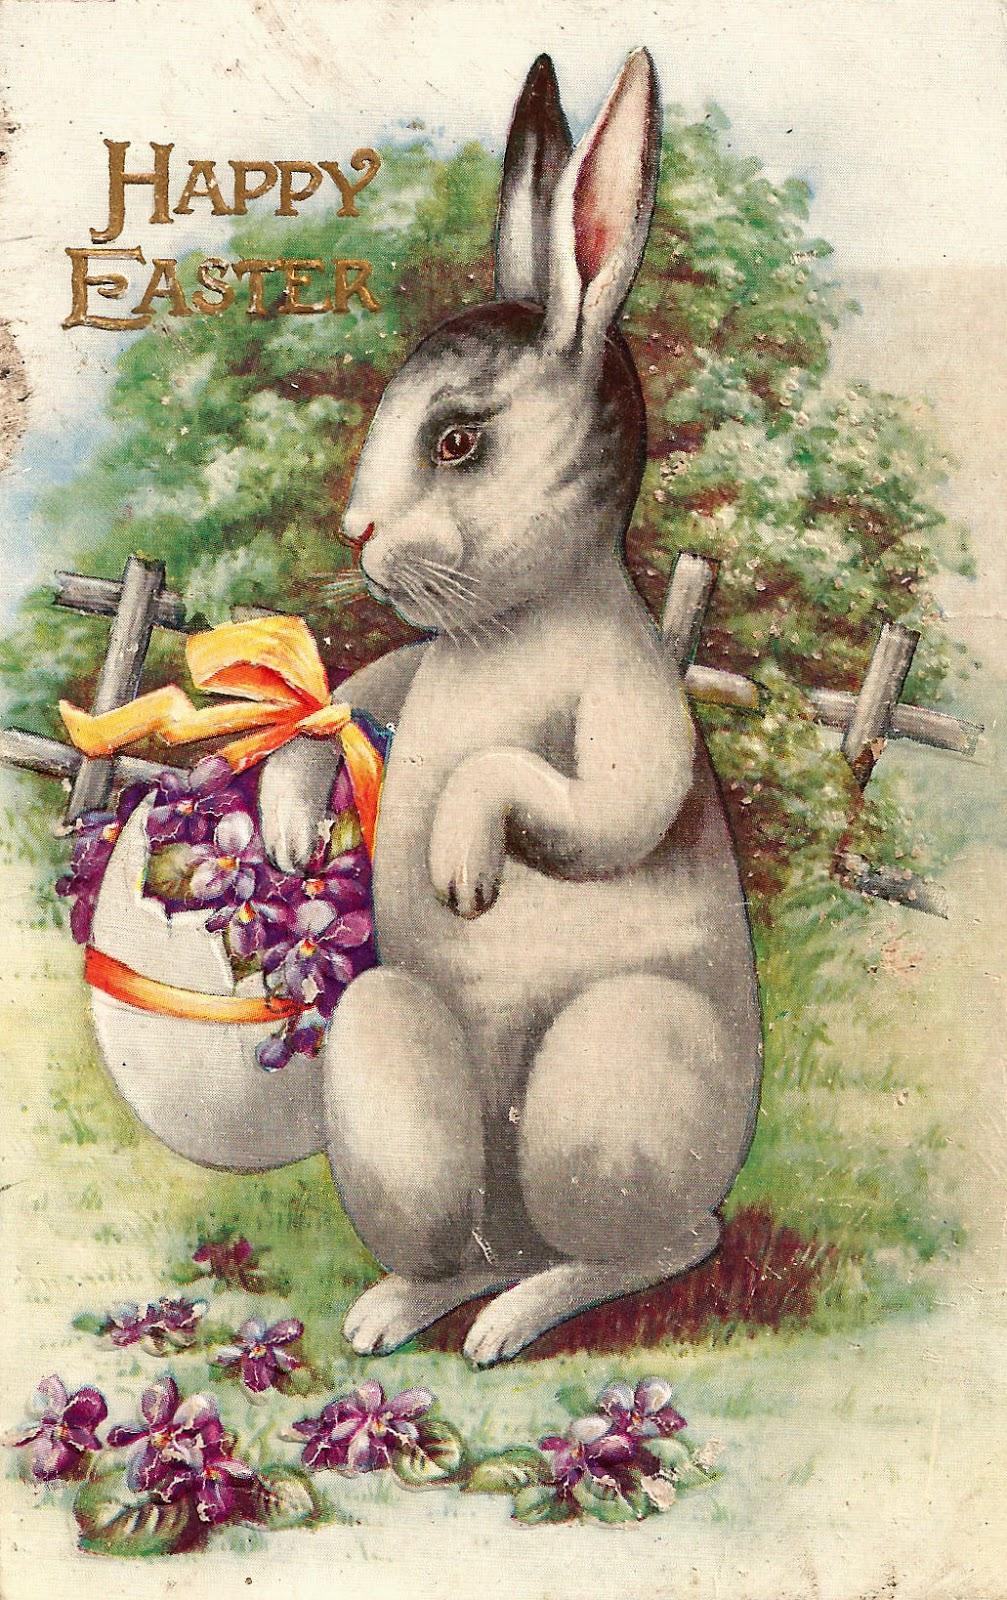 Vintage easter egg images clipart vector transparent download Vintage Easter Clipart - Clipart Kid vector transparent download